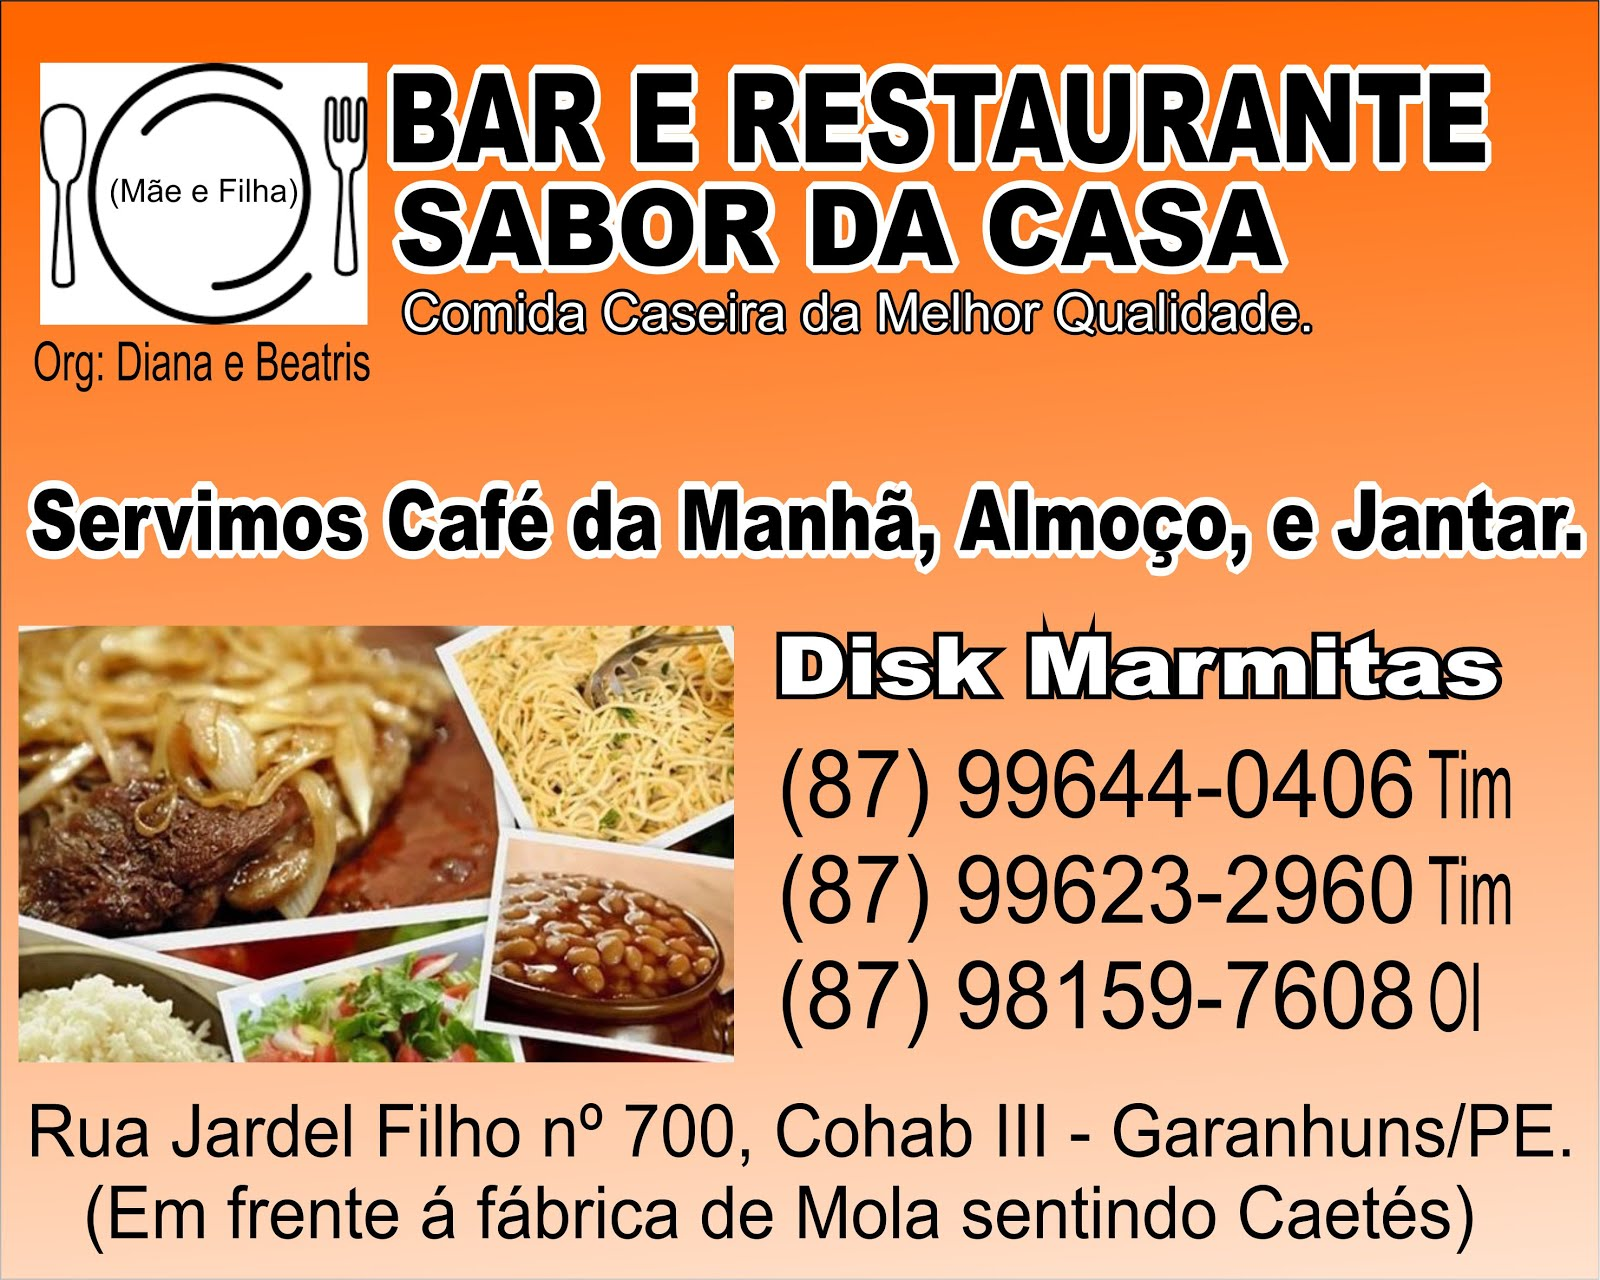 Bar e Restaurante Sabor da Casa.